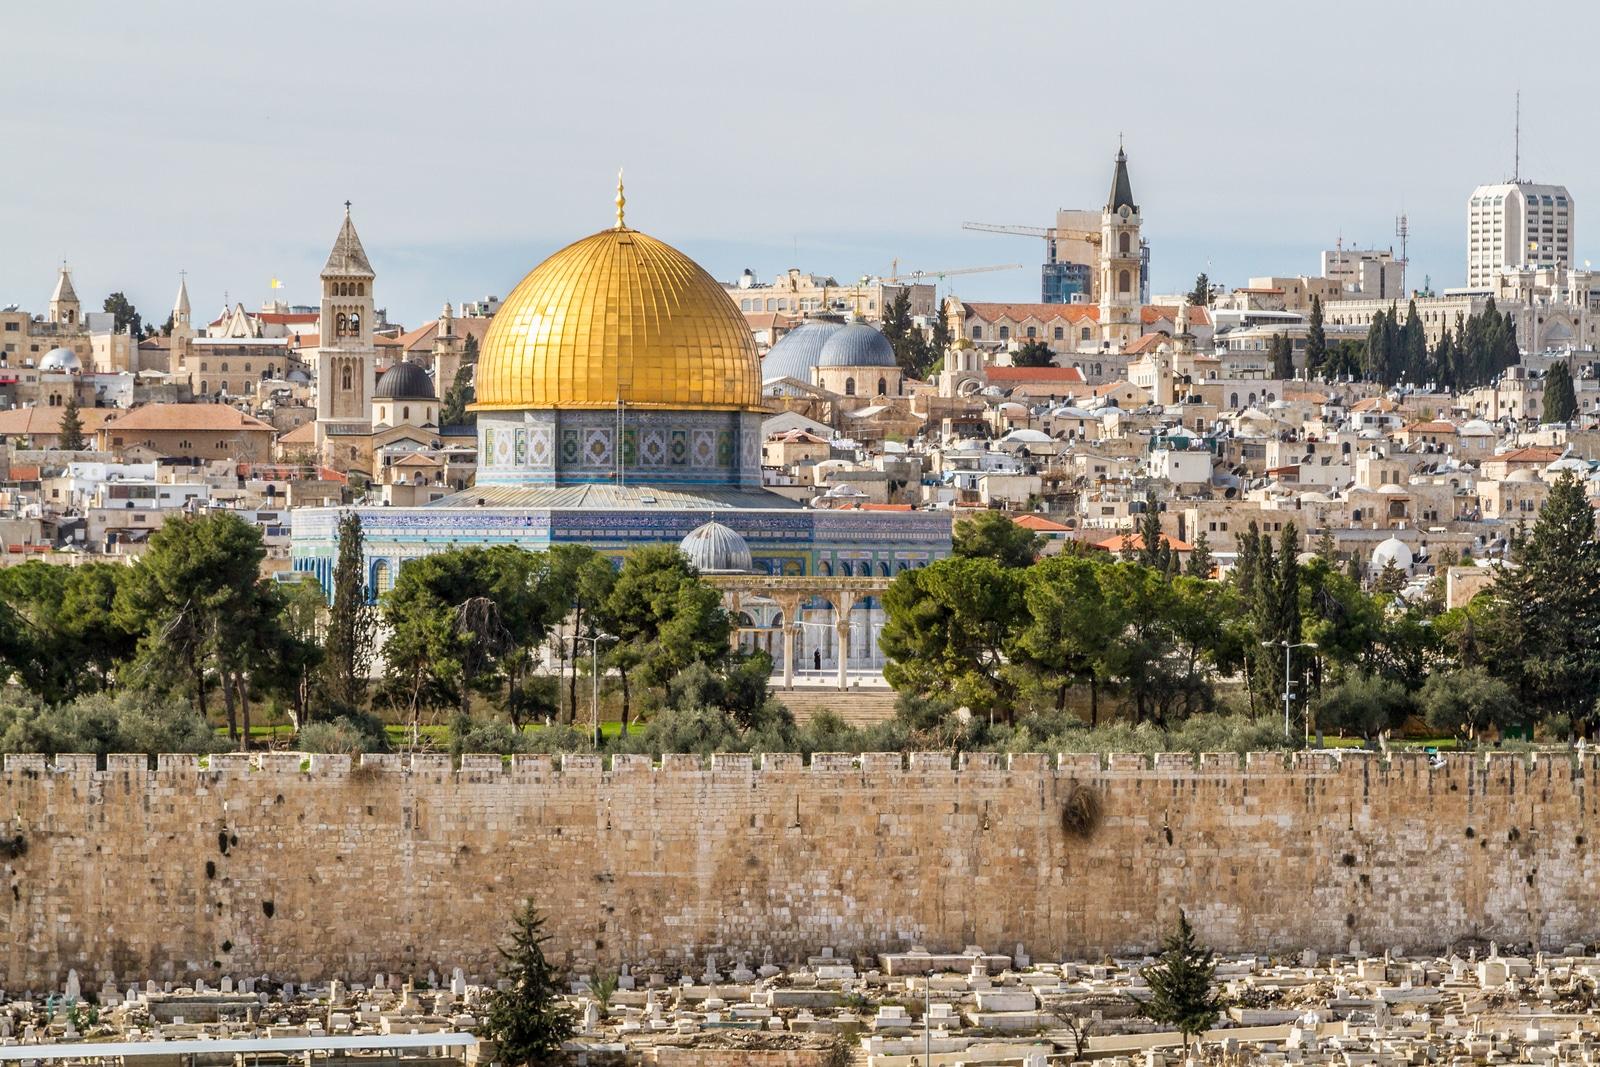 Vista da Cúpula da Rocha, em Jerusalém (Israel).